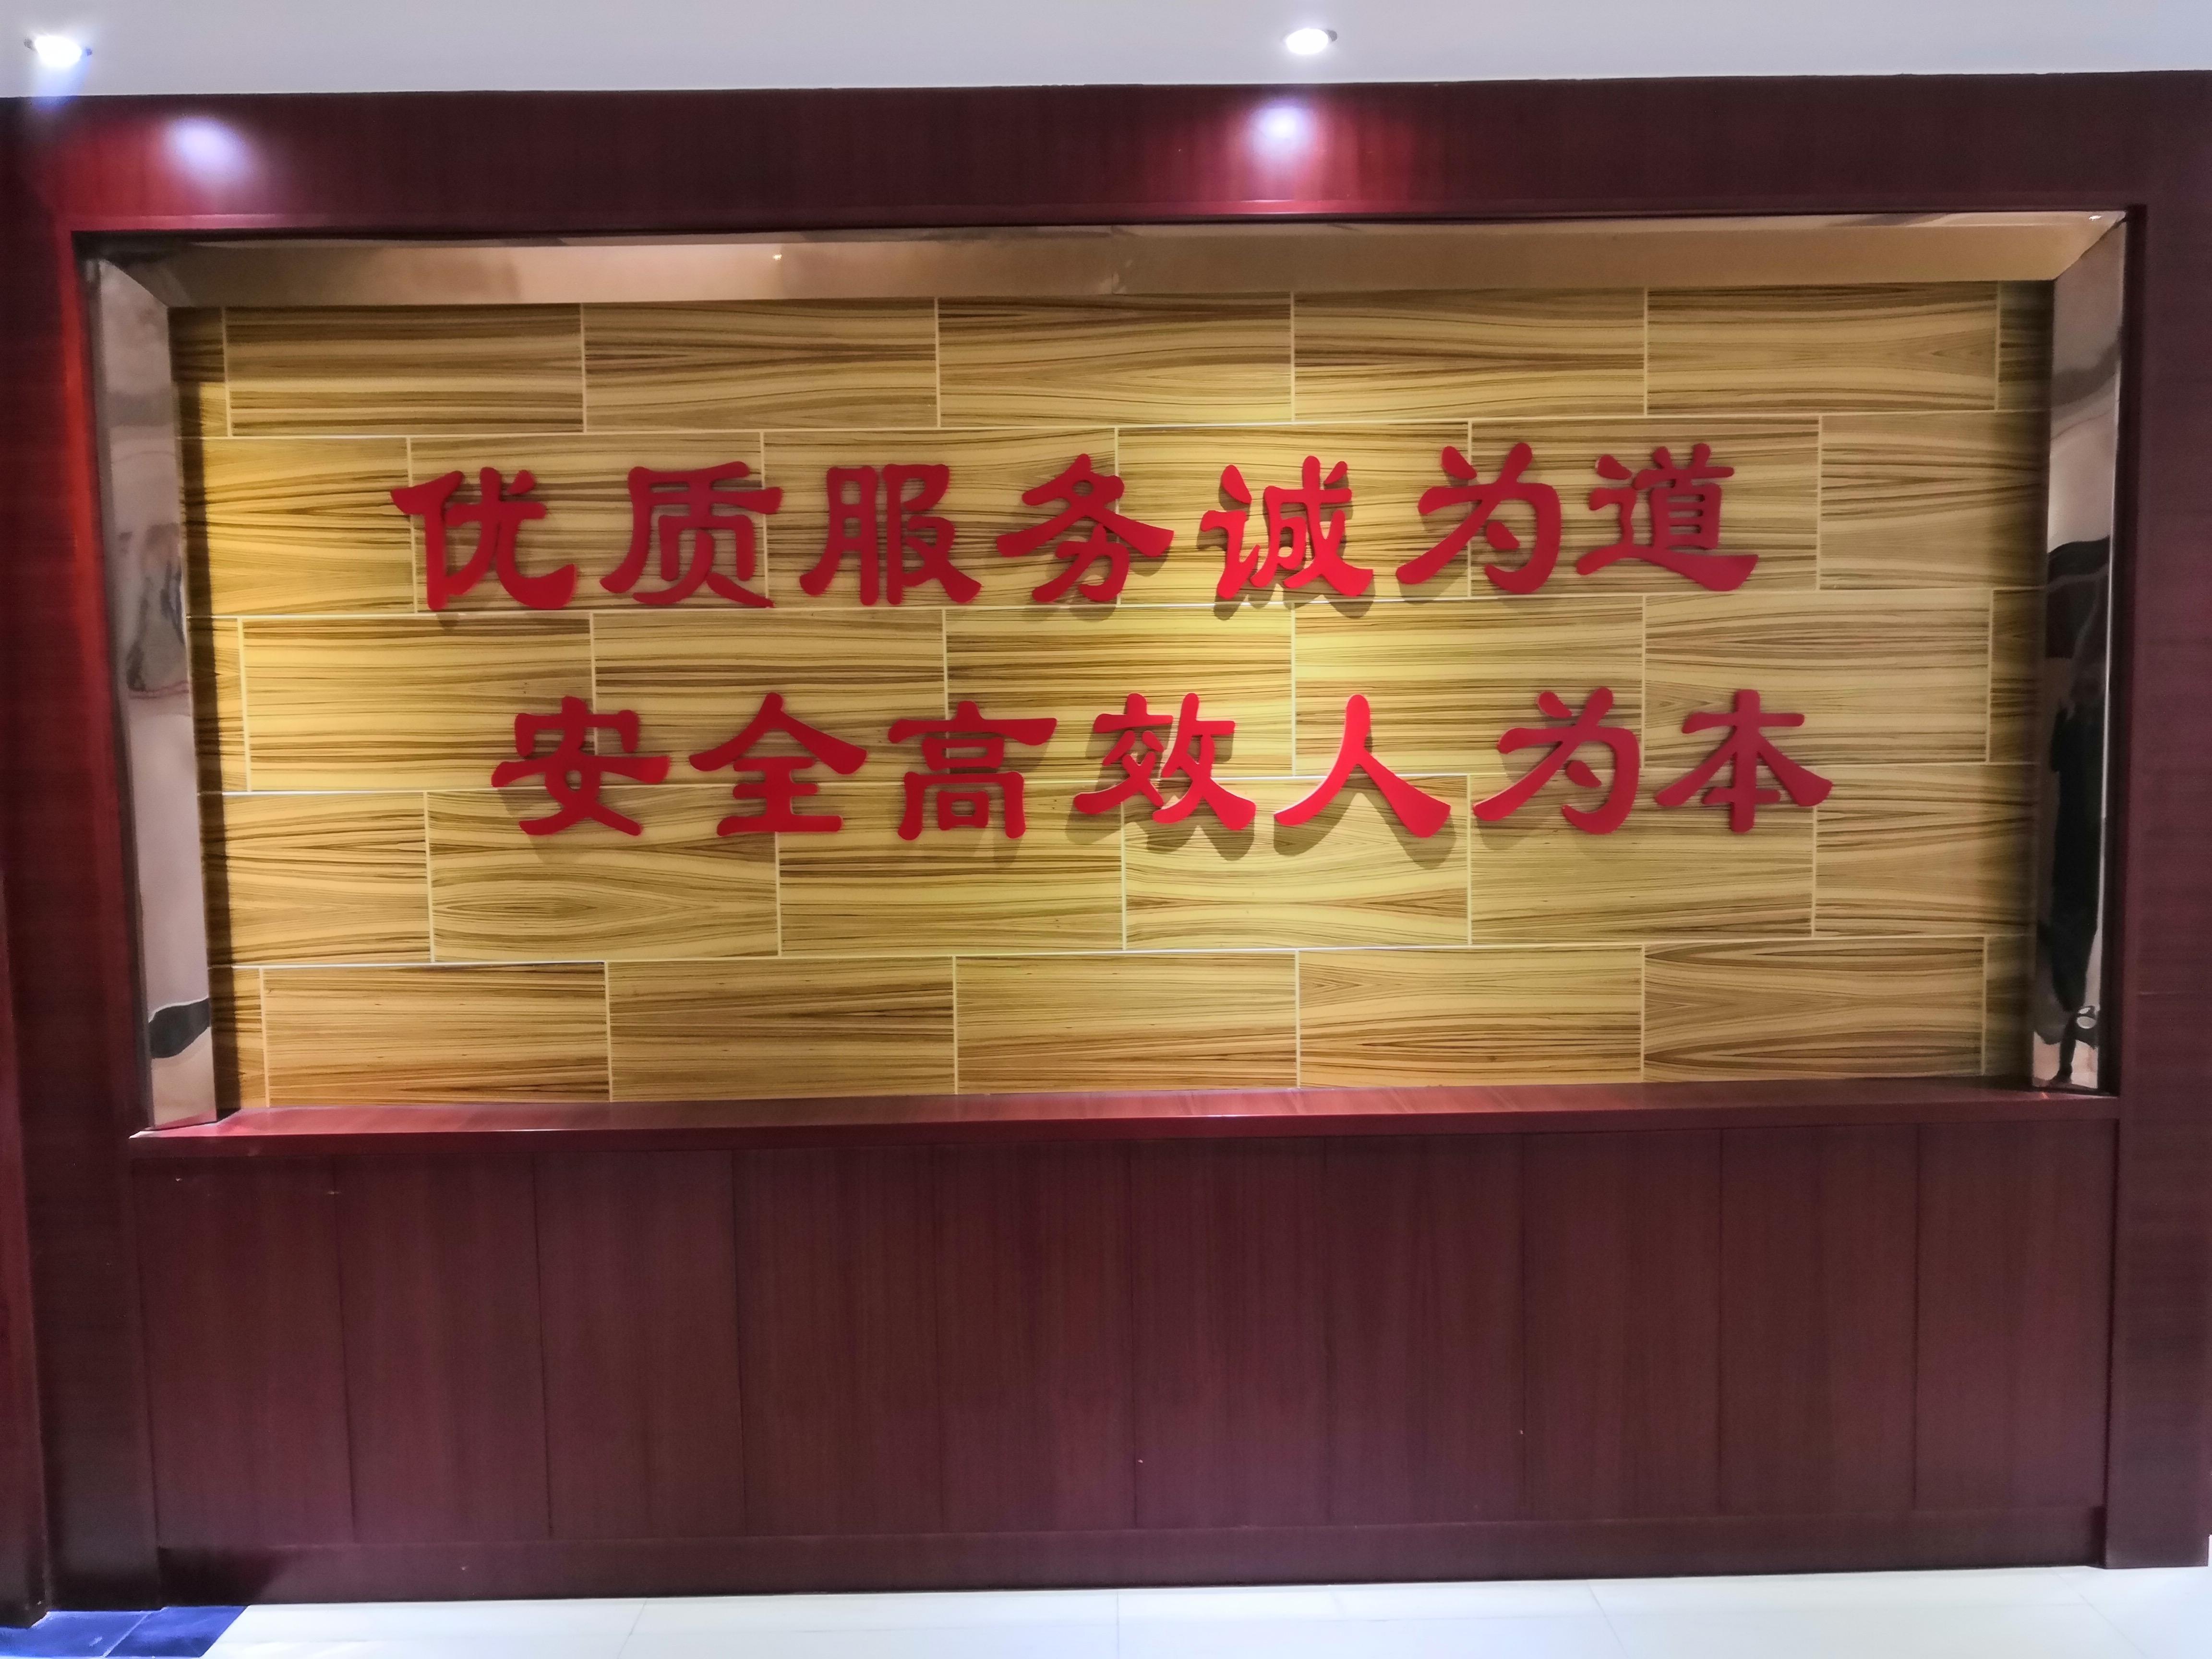 靖宇爆破党建会议室(图1)